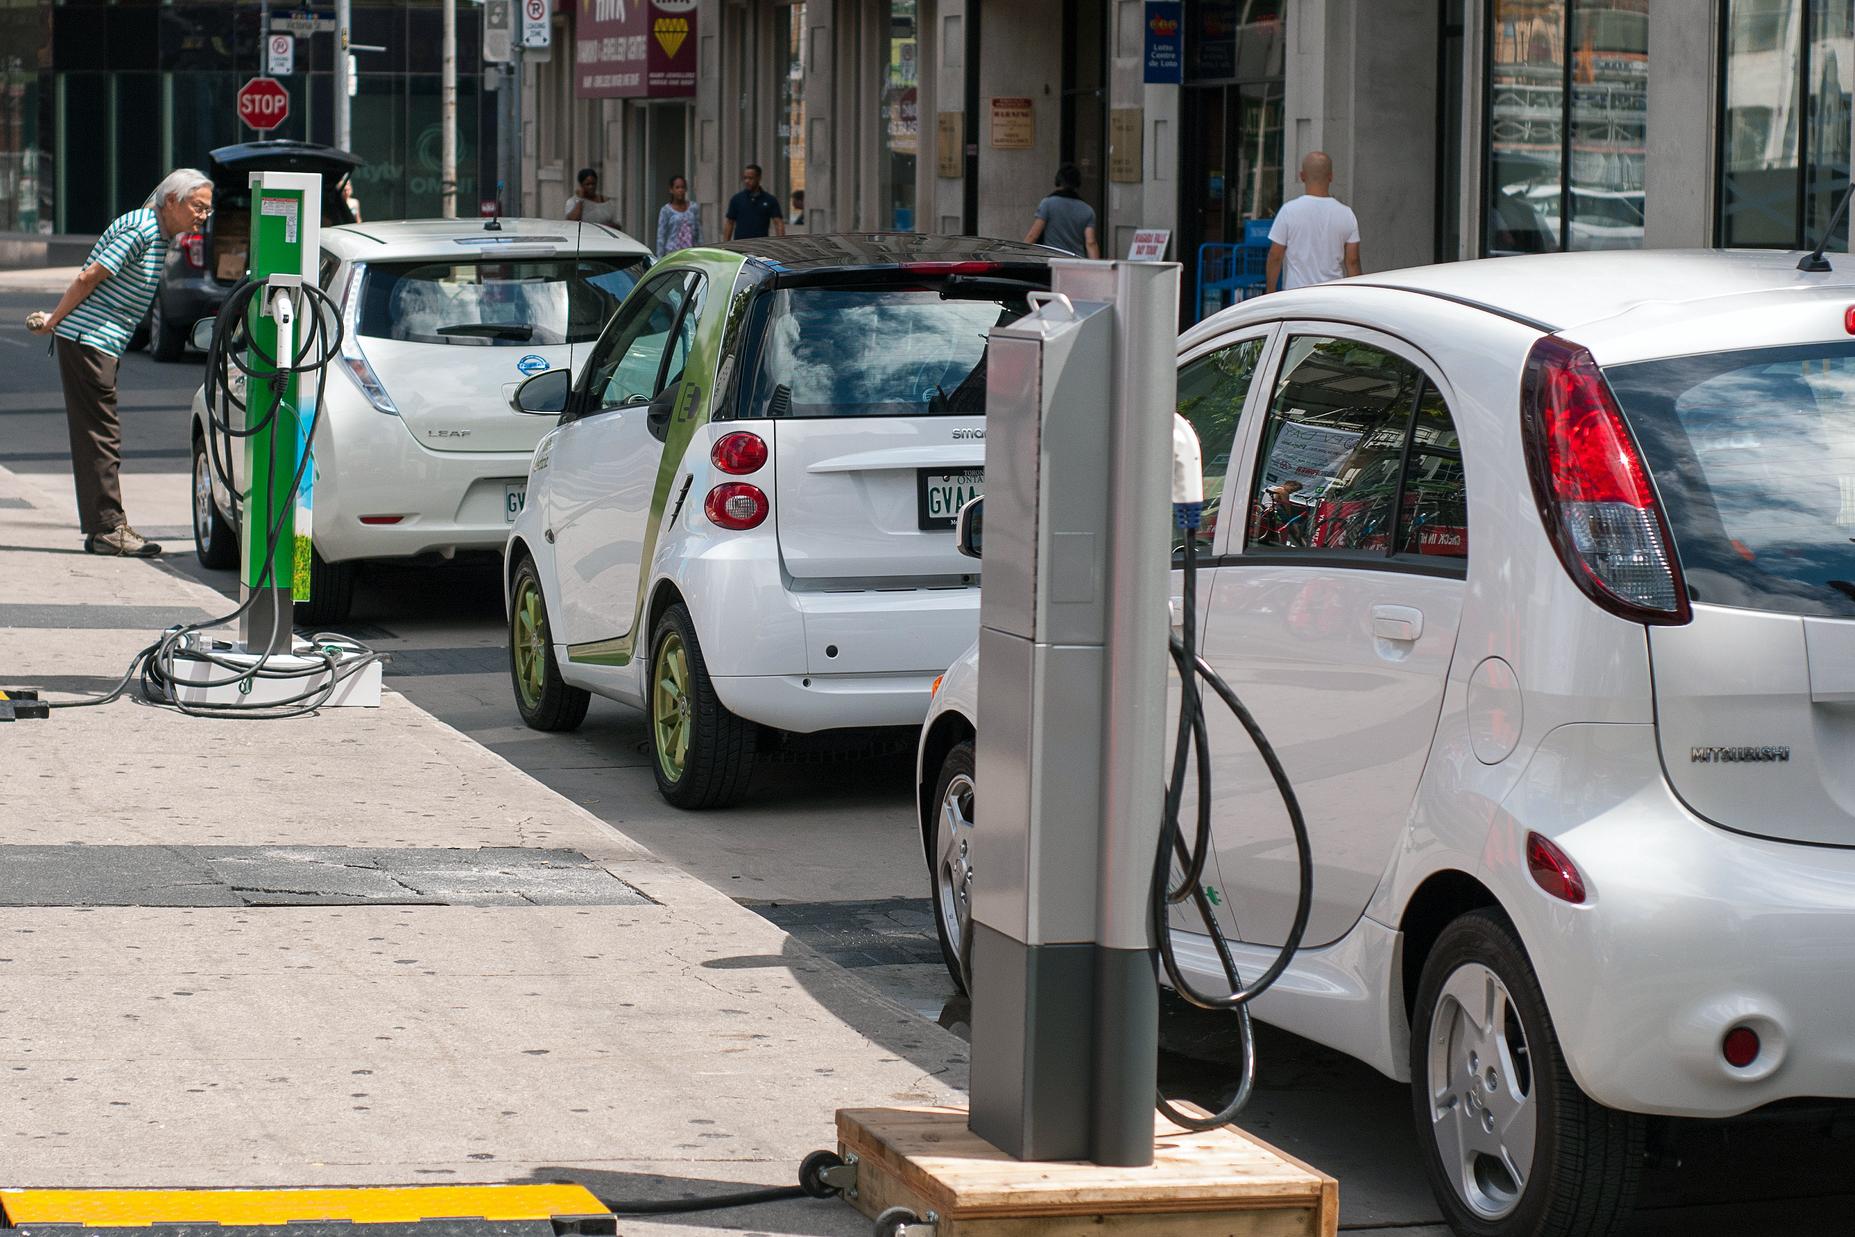 Продажи электромобилей в Европе достигли 500 тысяч экземпляров 2